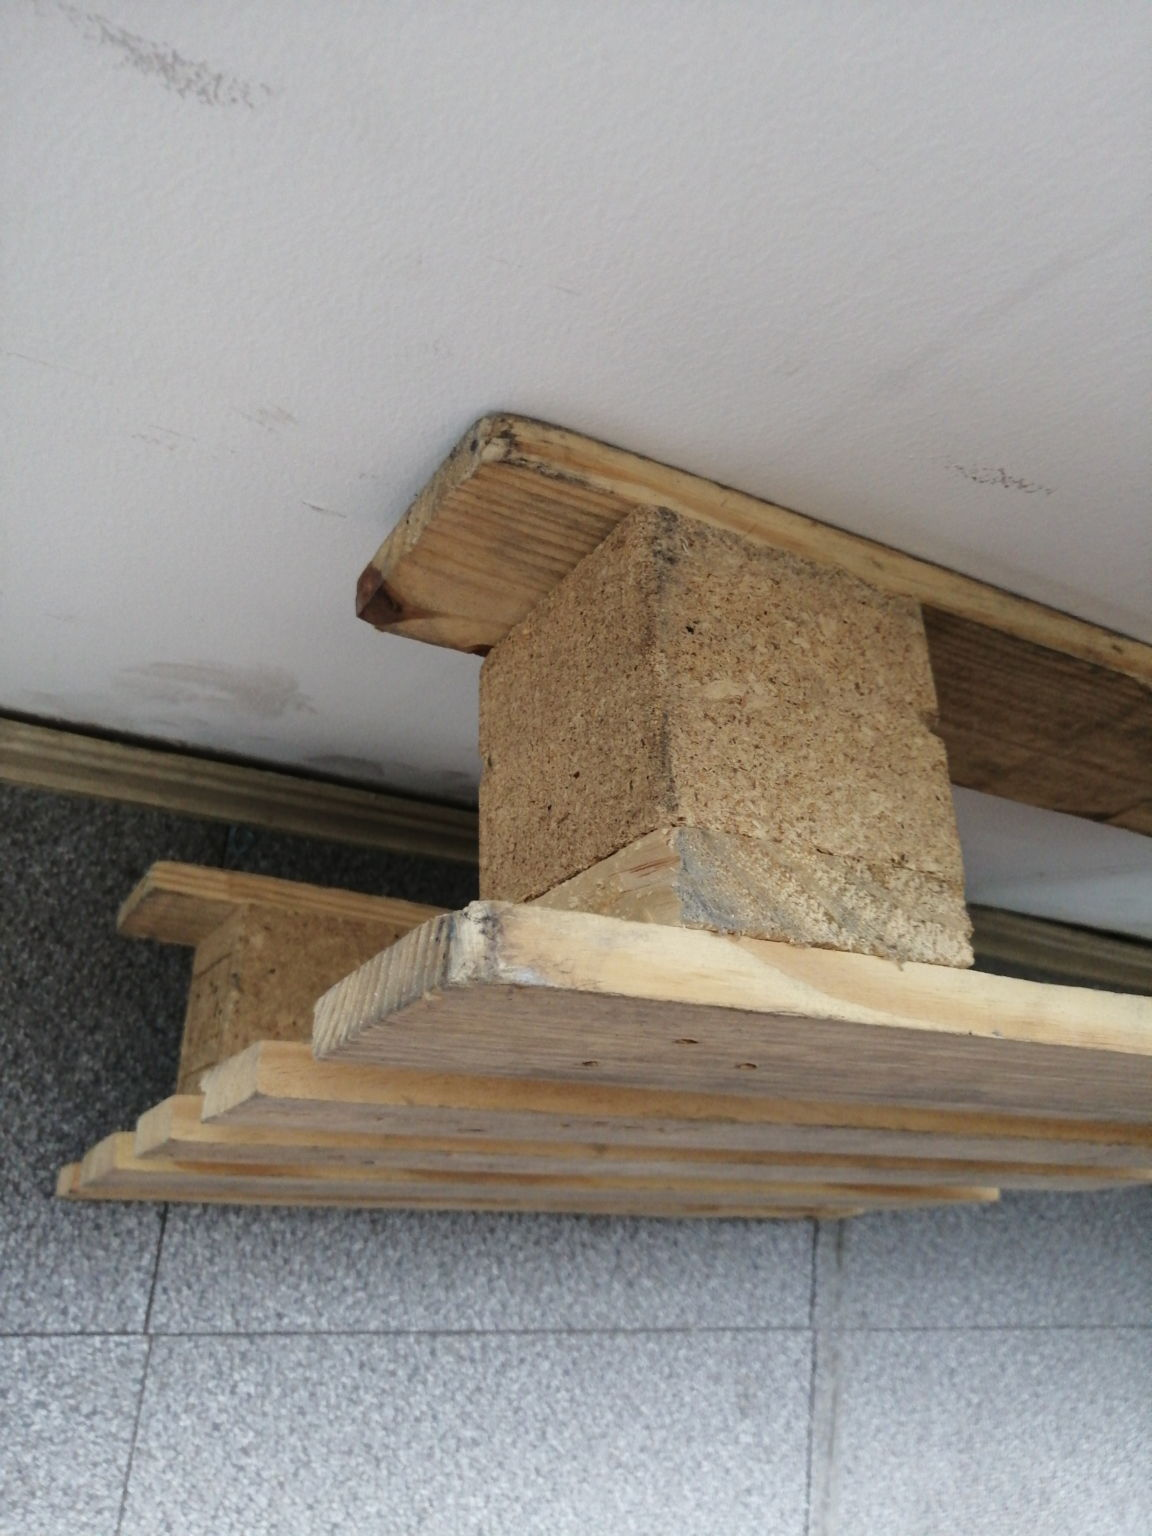 嘉兴木制品胶合板批发有哪些呢